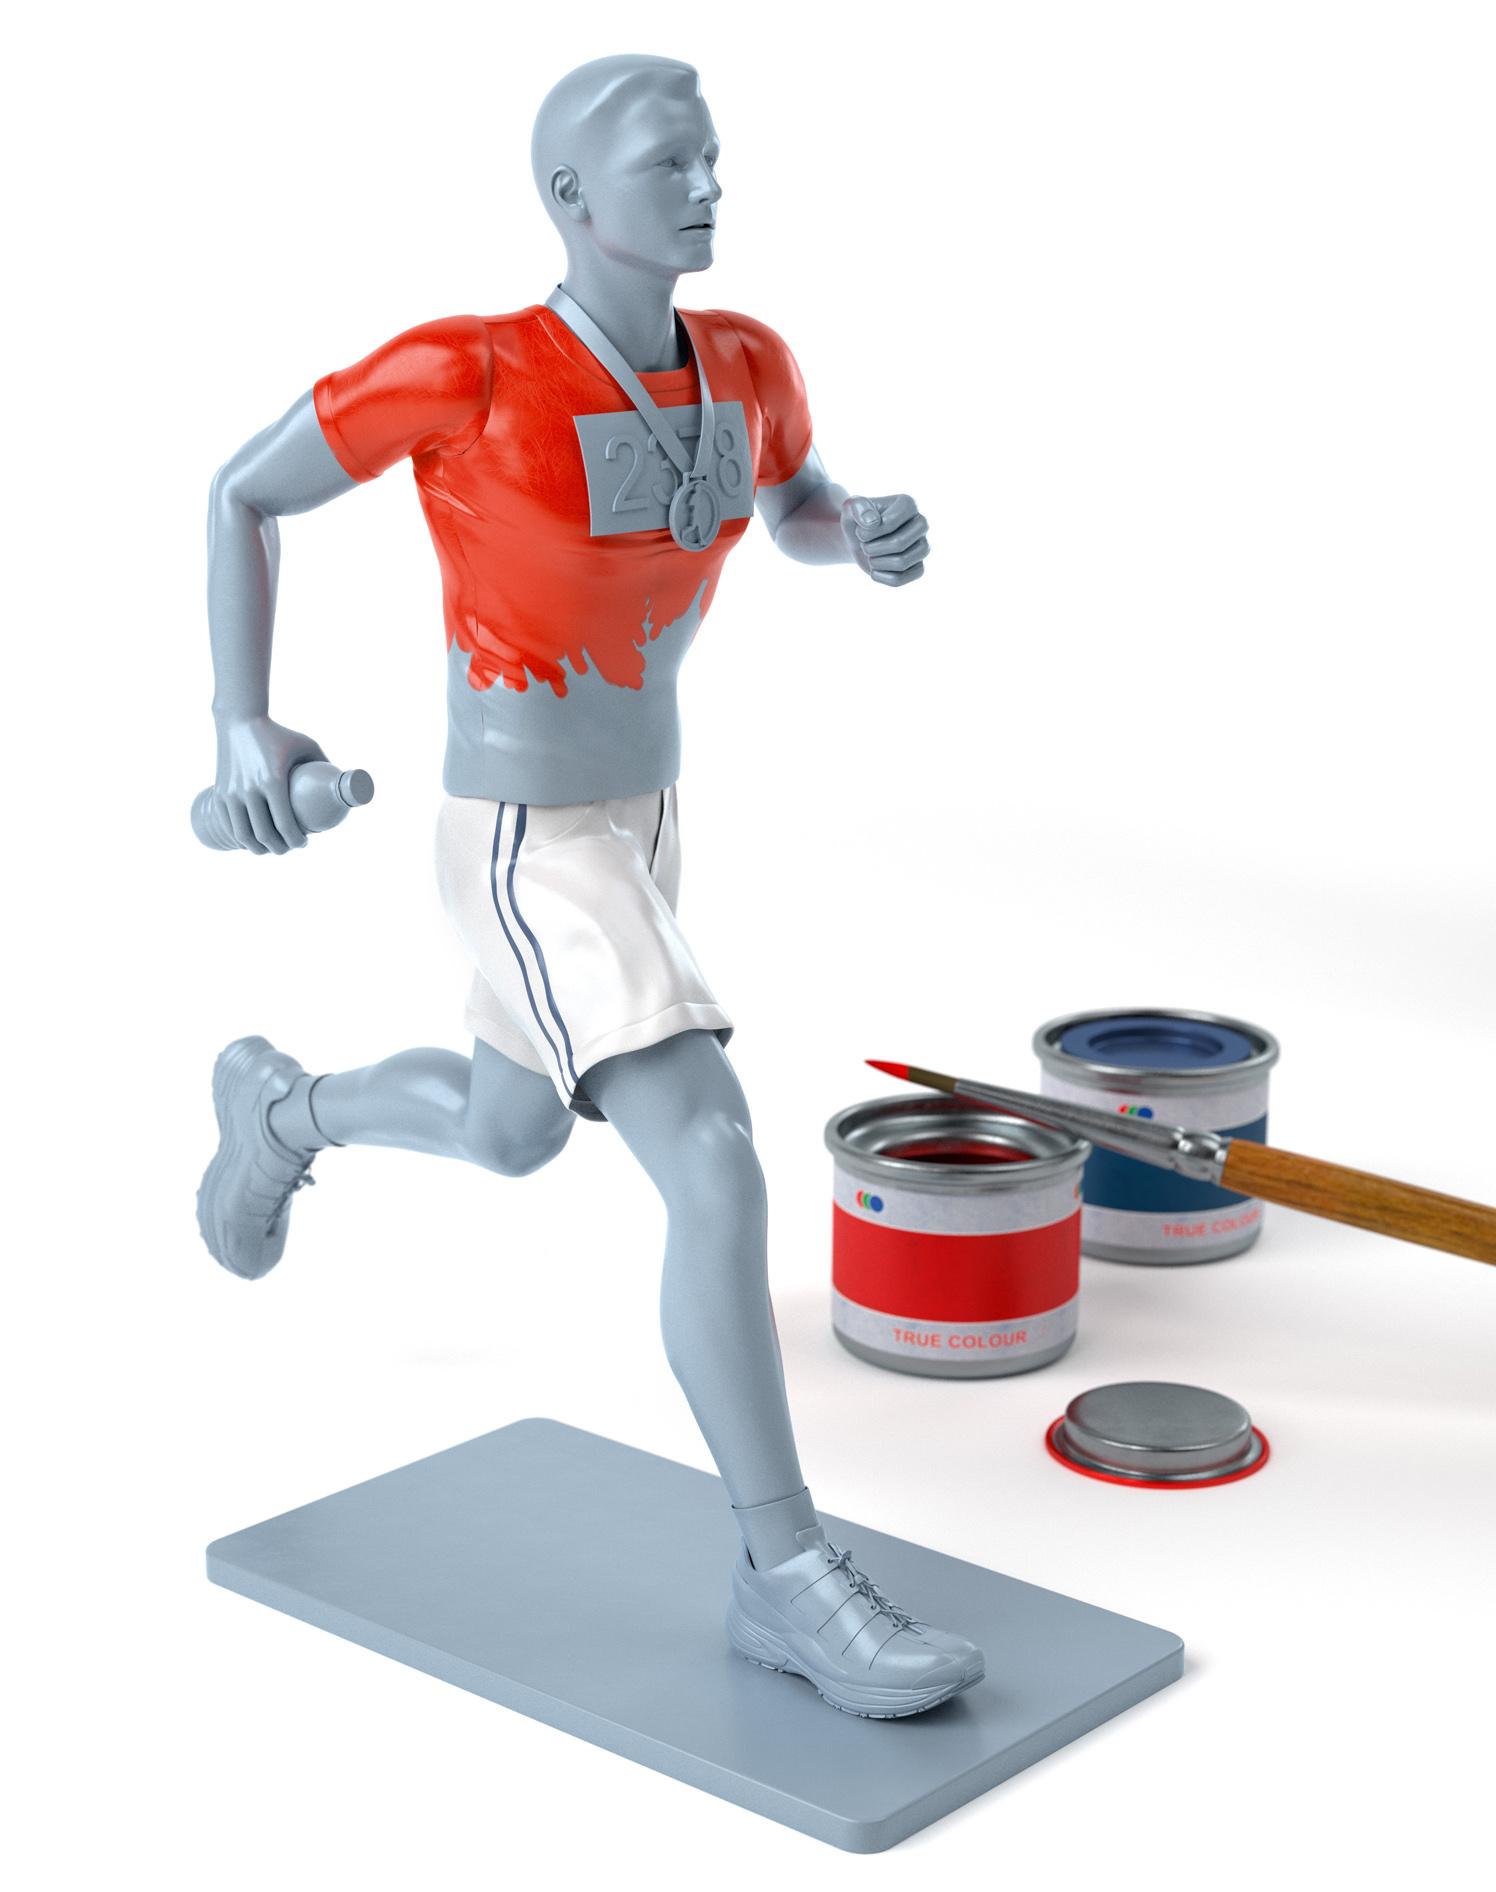 Airfix Marathon Man / Runner's World